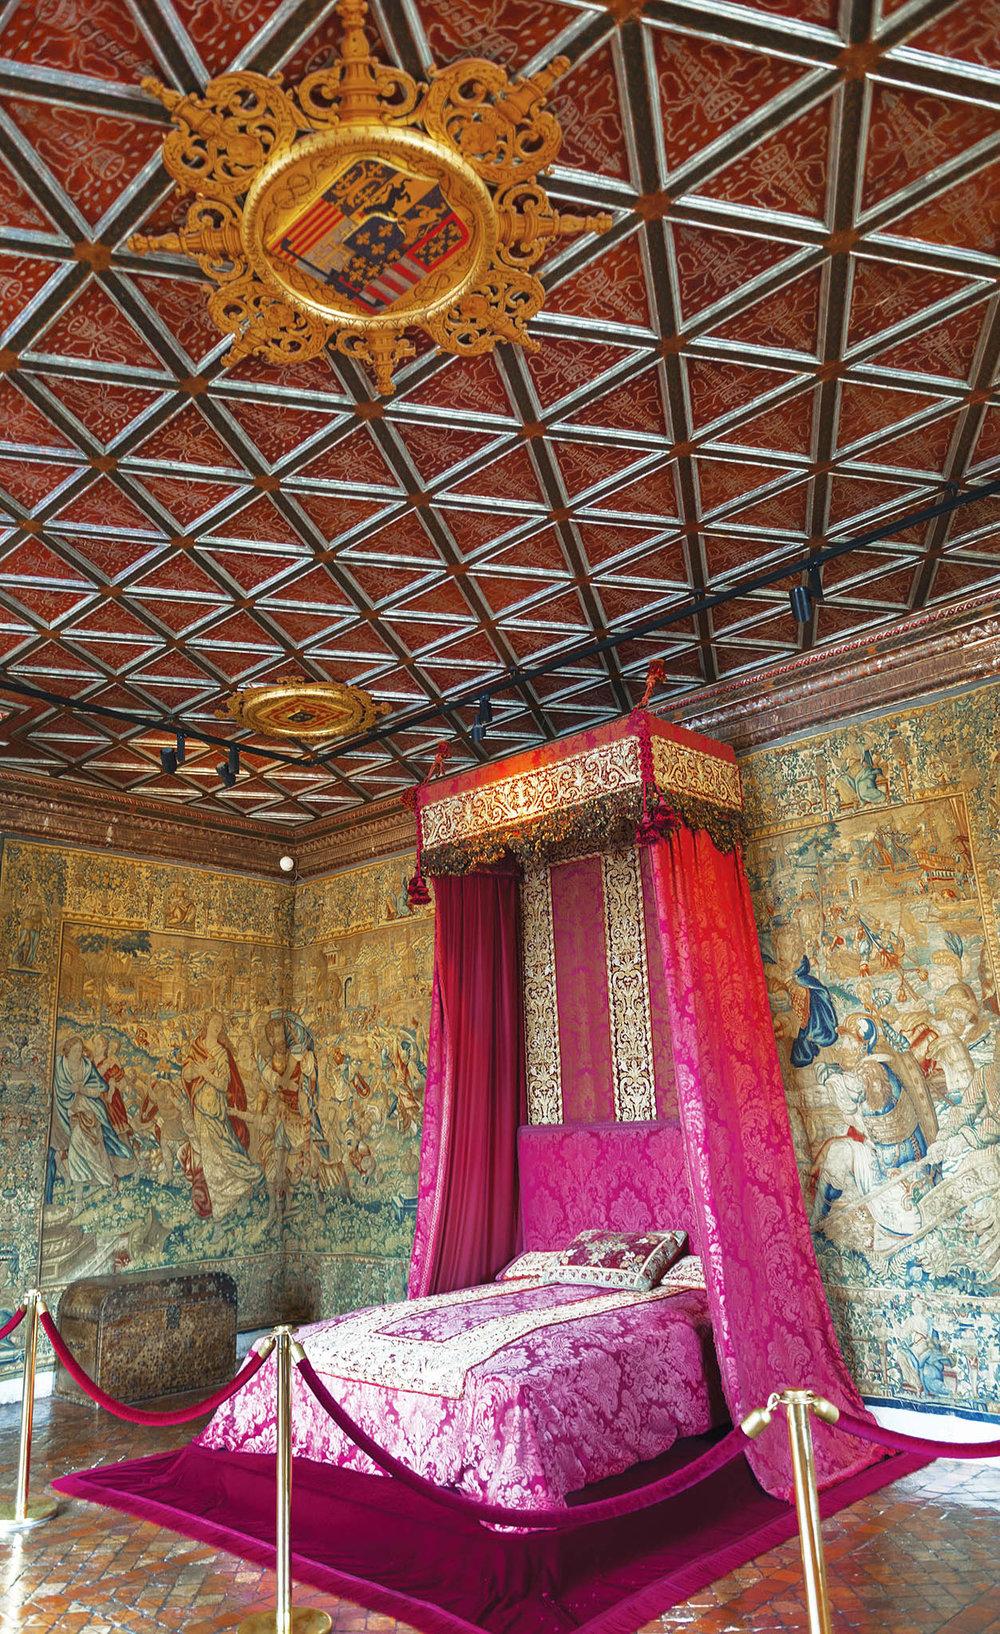 亨利二世的王妃凱薩琳.德.美第奇的臥室,曾住過五位皇后。Yuri Turkov / shutterstock.com